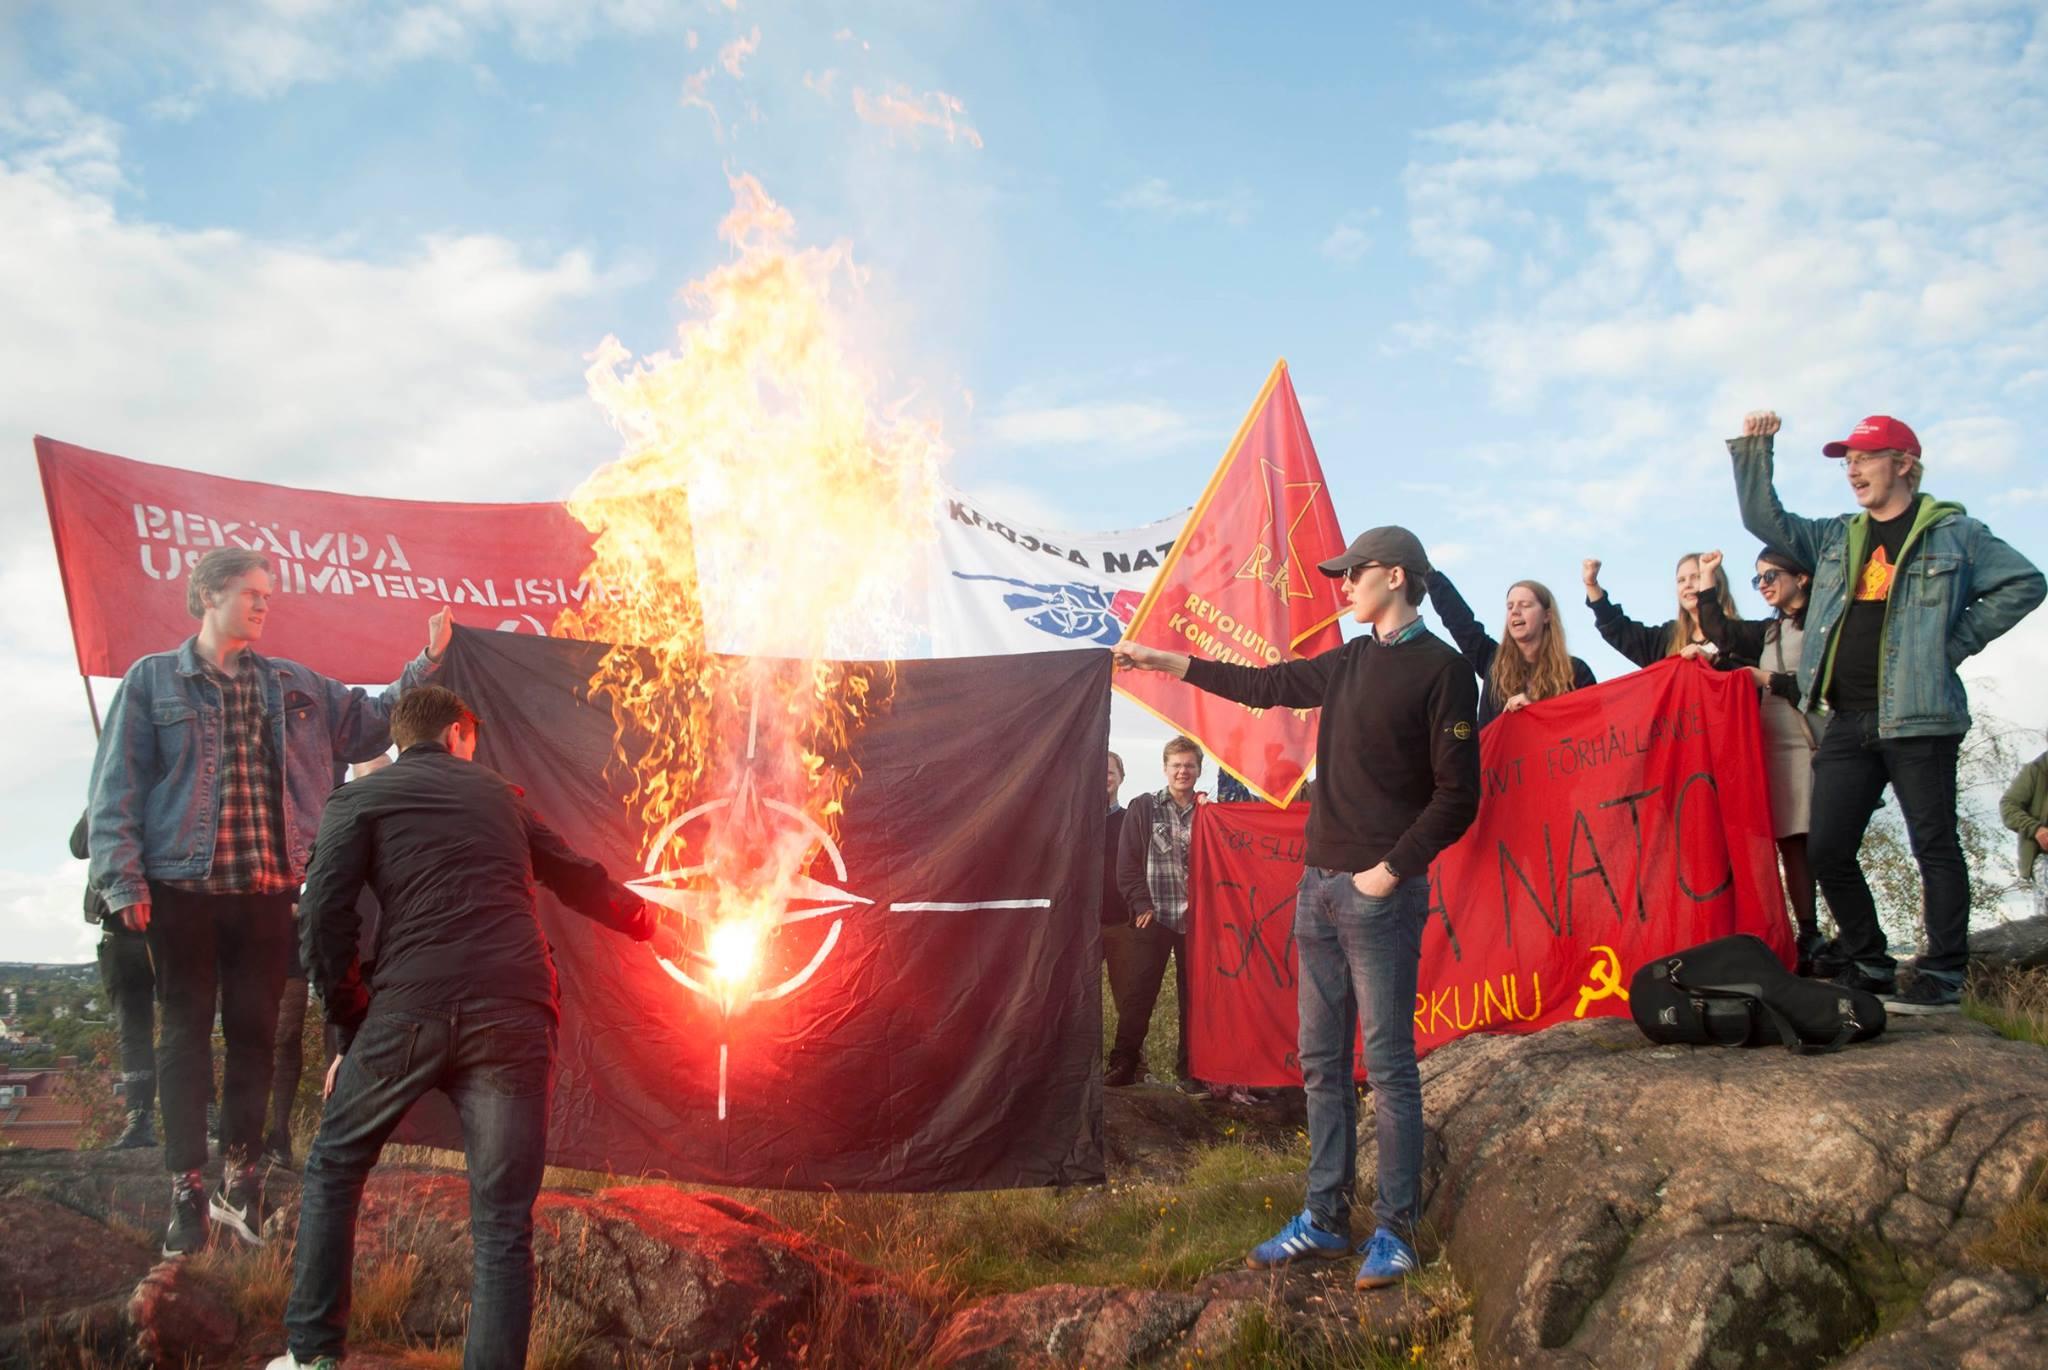 İsveç'te NATO karşıtı miting